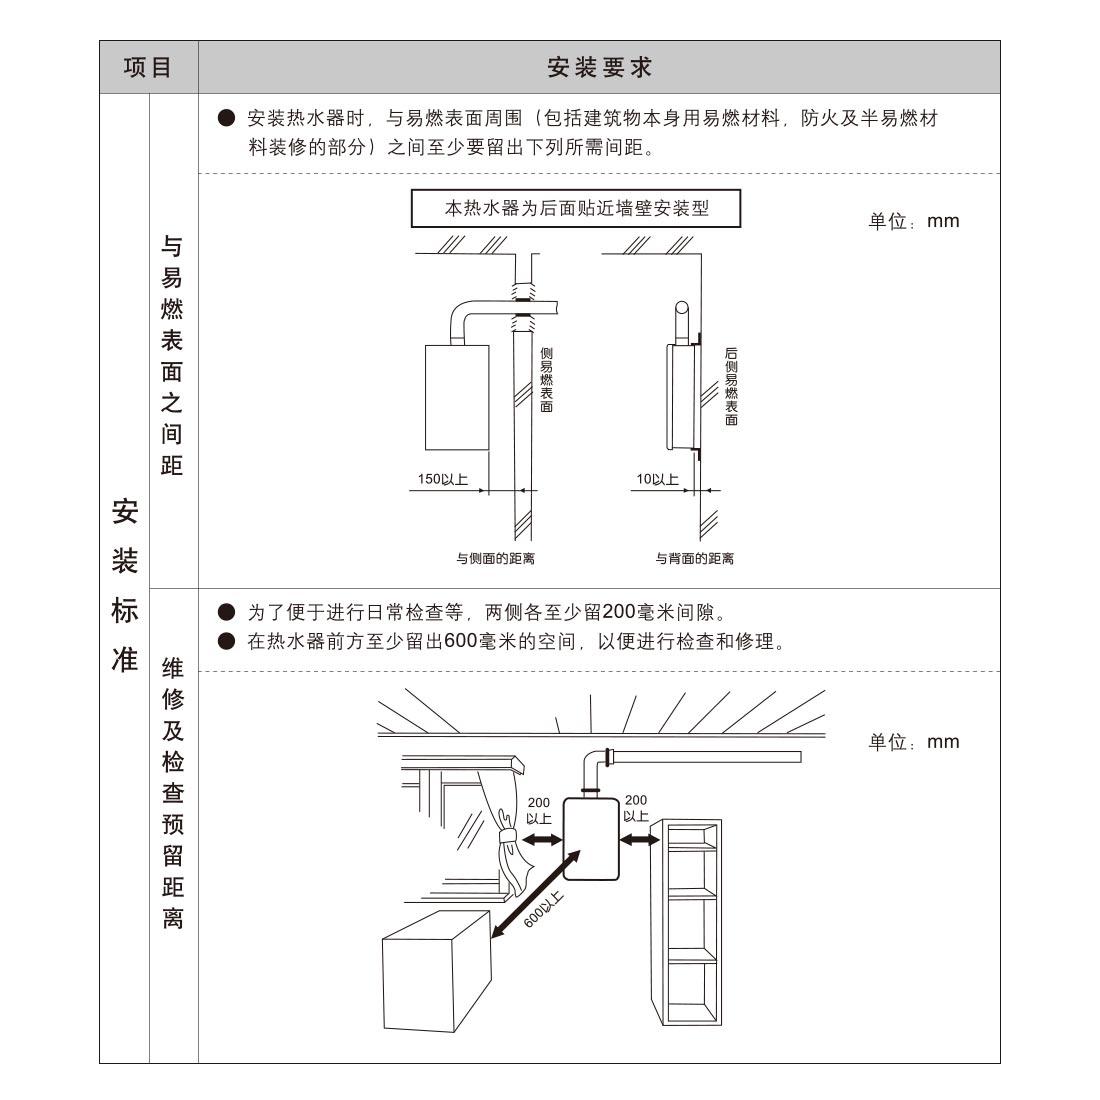 方太JSG25-1503S安装示意图